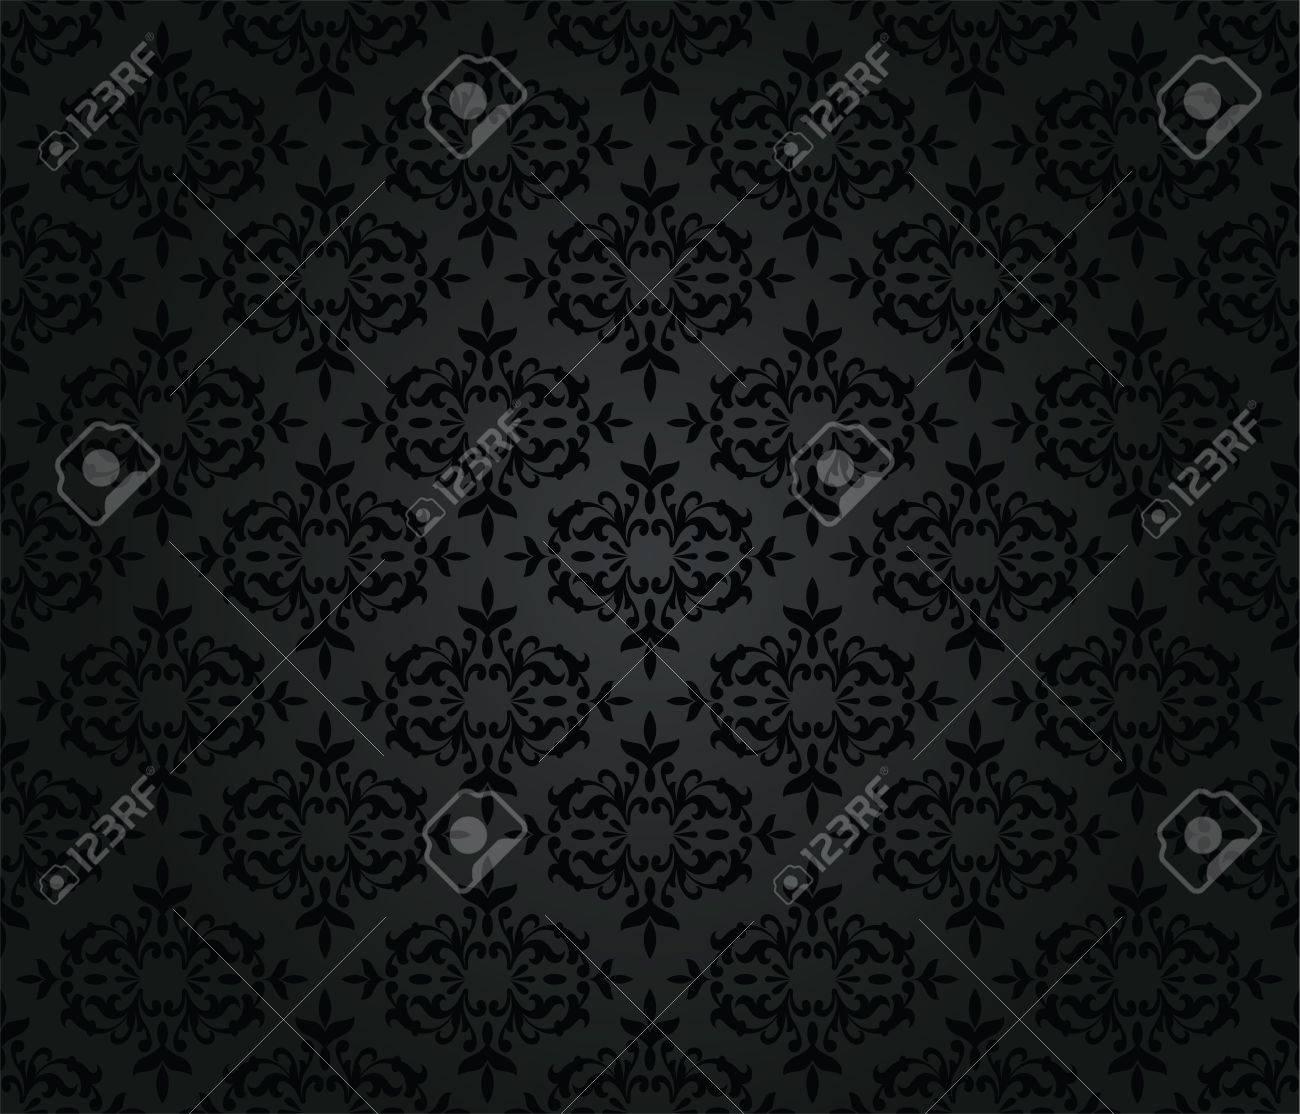 Seamless Floral Motif De Papier Peint Noir De Damasse Clip Art